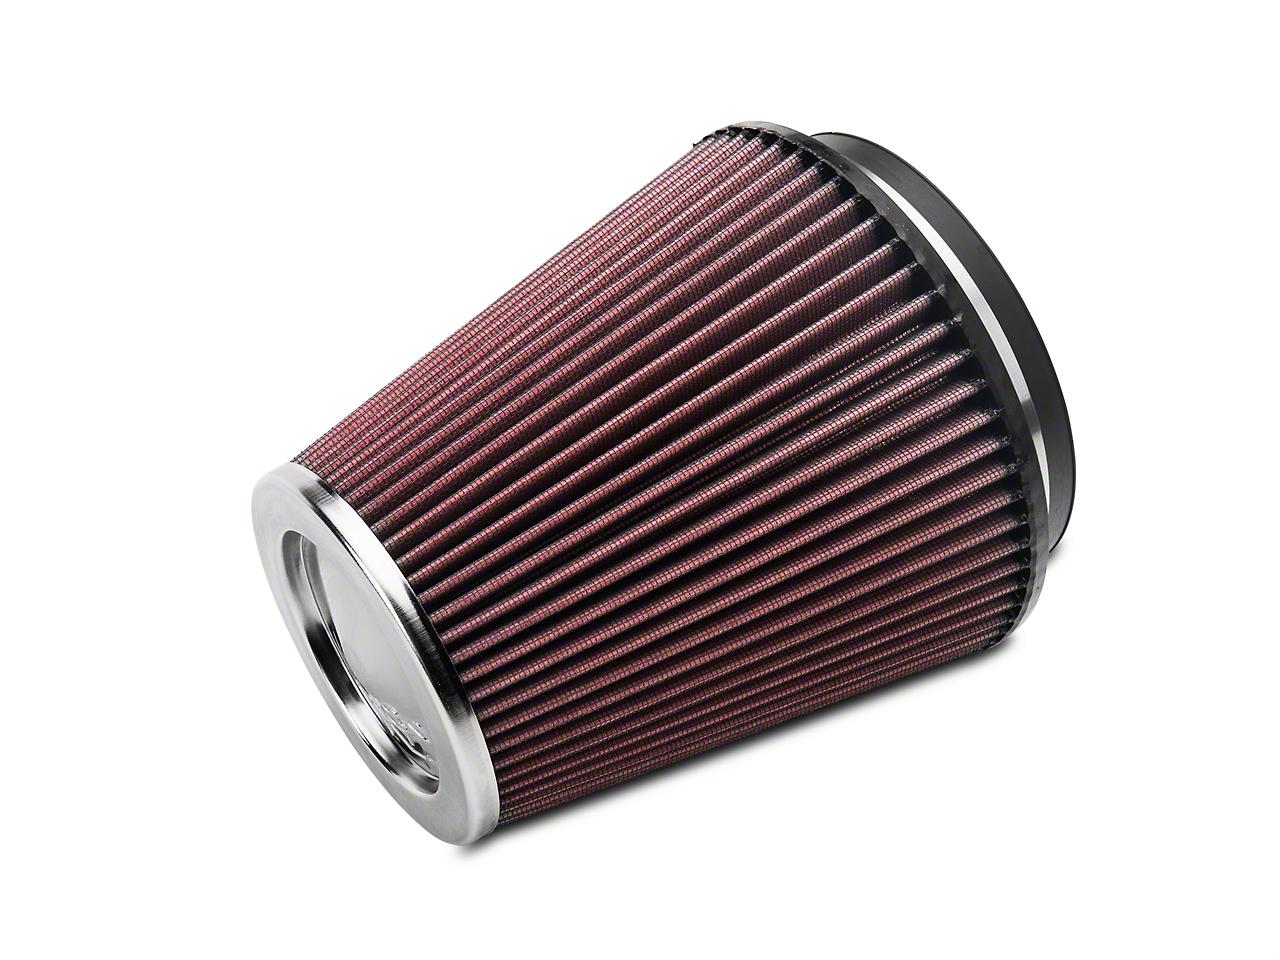 K&N Intake Replacement Filter (03-04 Mach 1)